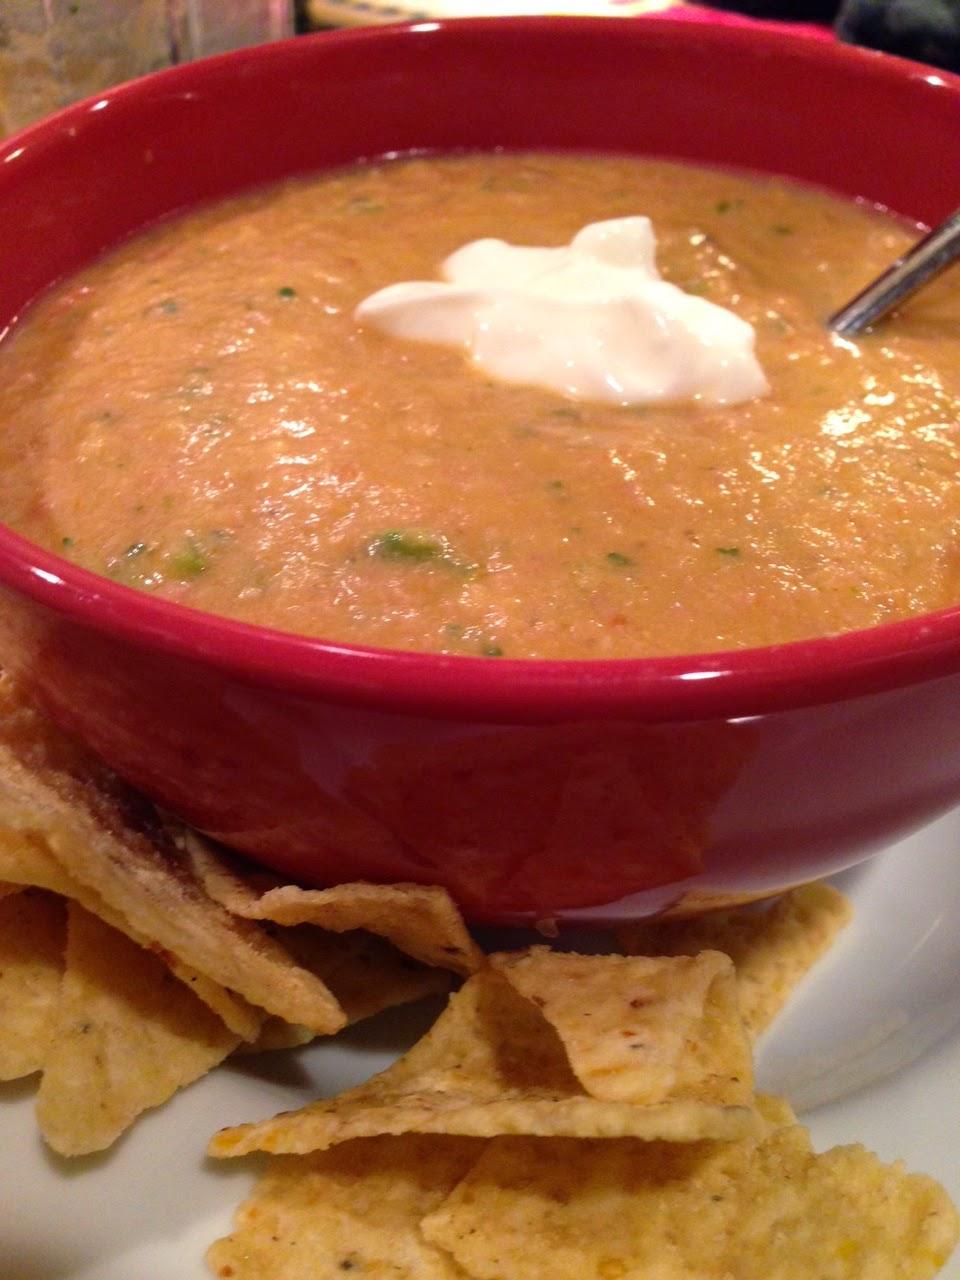 Vitamix, vitamix recipes, vitamix tortilla soup, homemade tortilla soup, vitamix tortilla, refurbished, refurbished vitamix